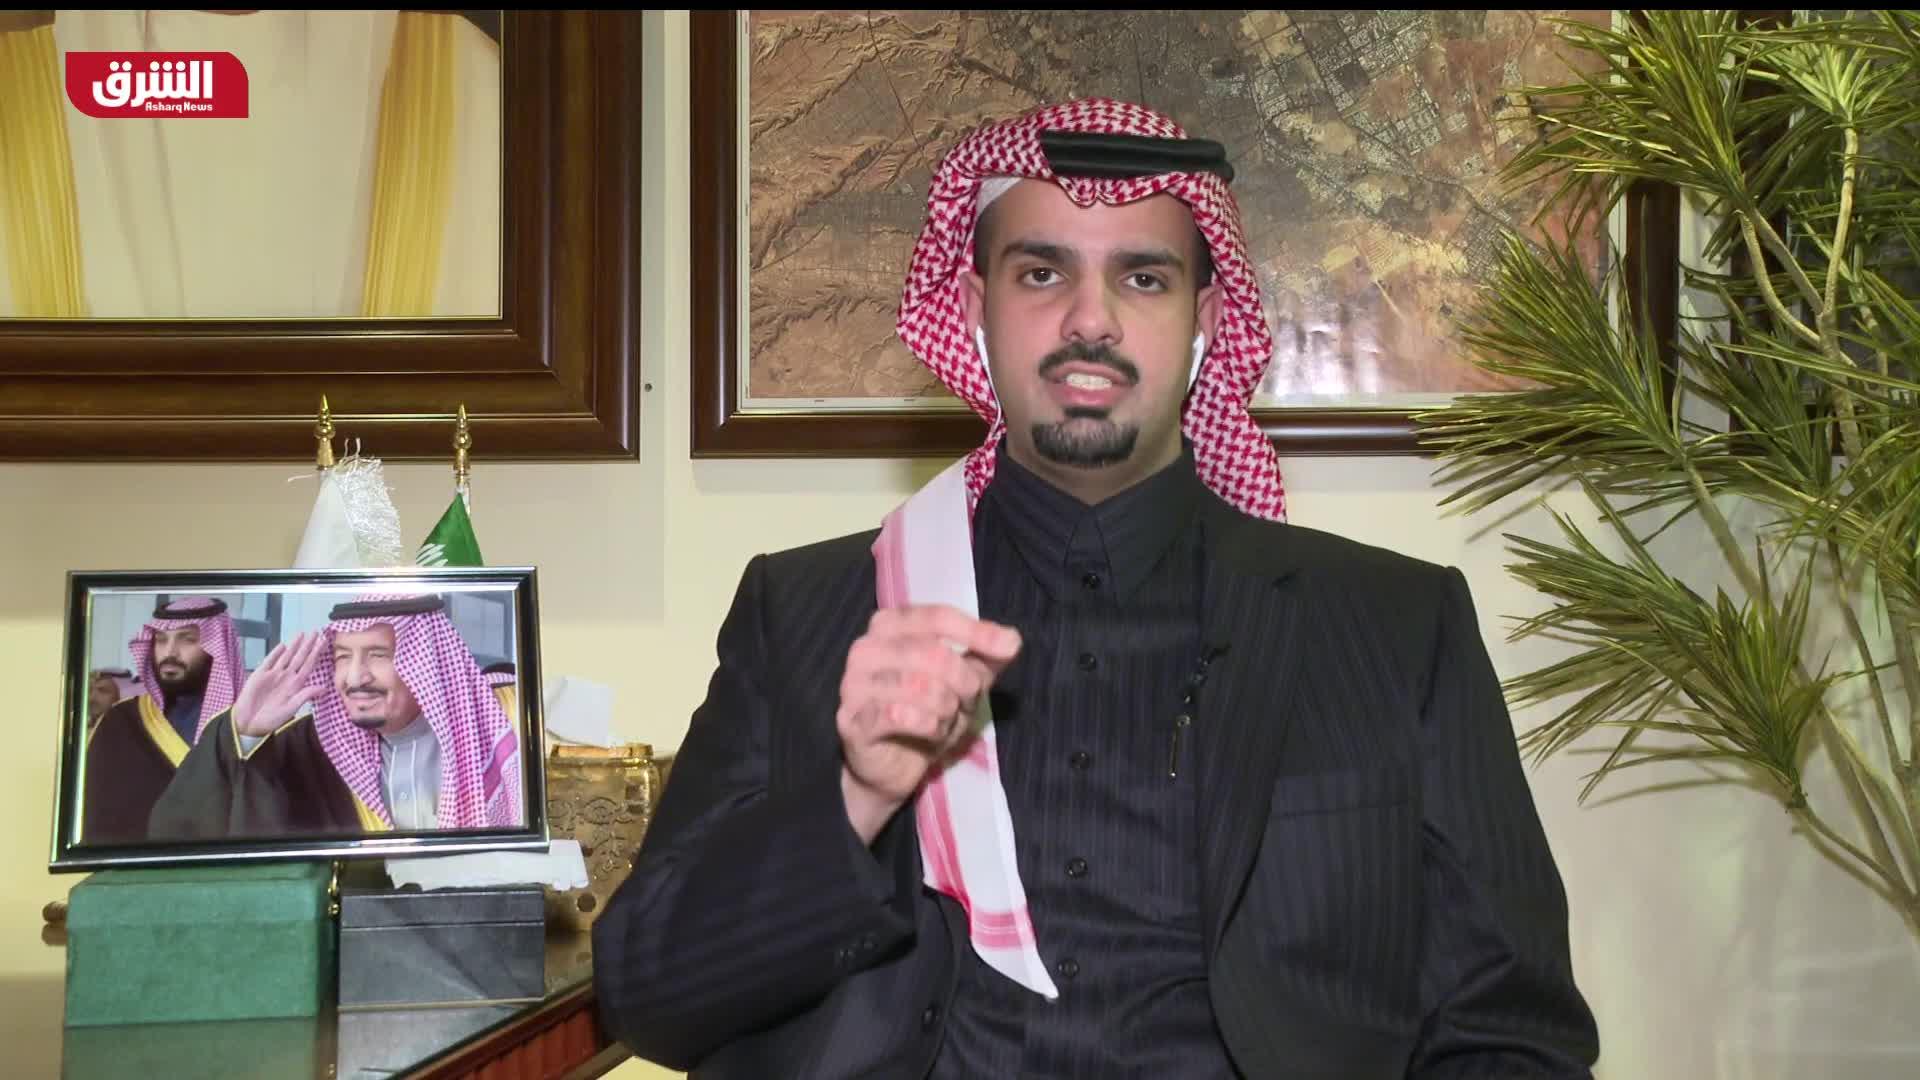 أمين الرياض: البنية التحتية للمدينة من بين الأفضل في العالم